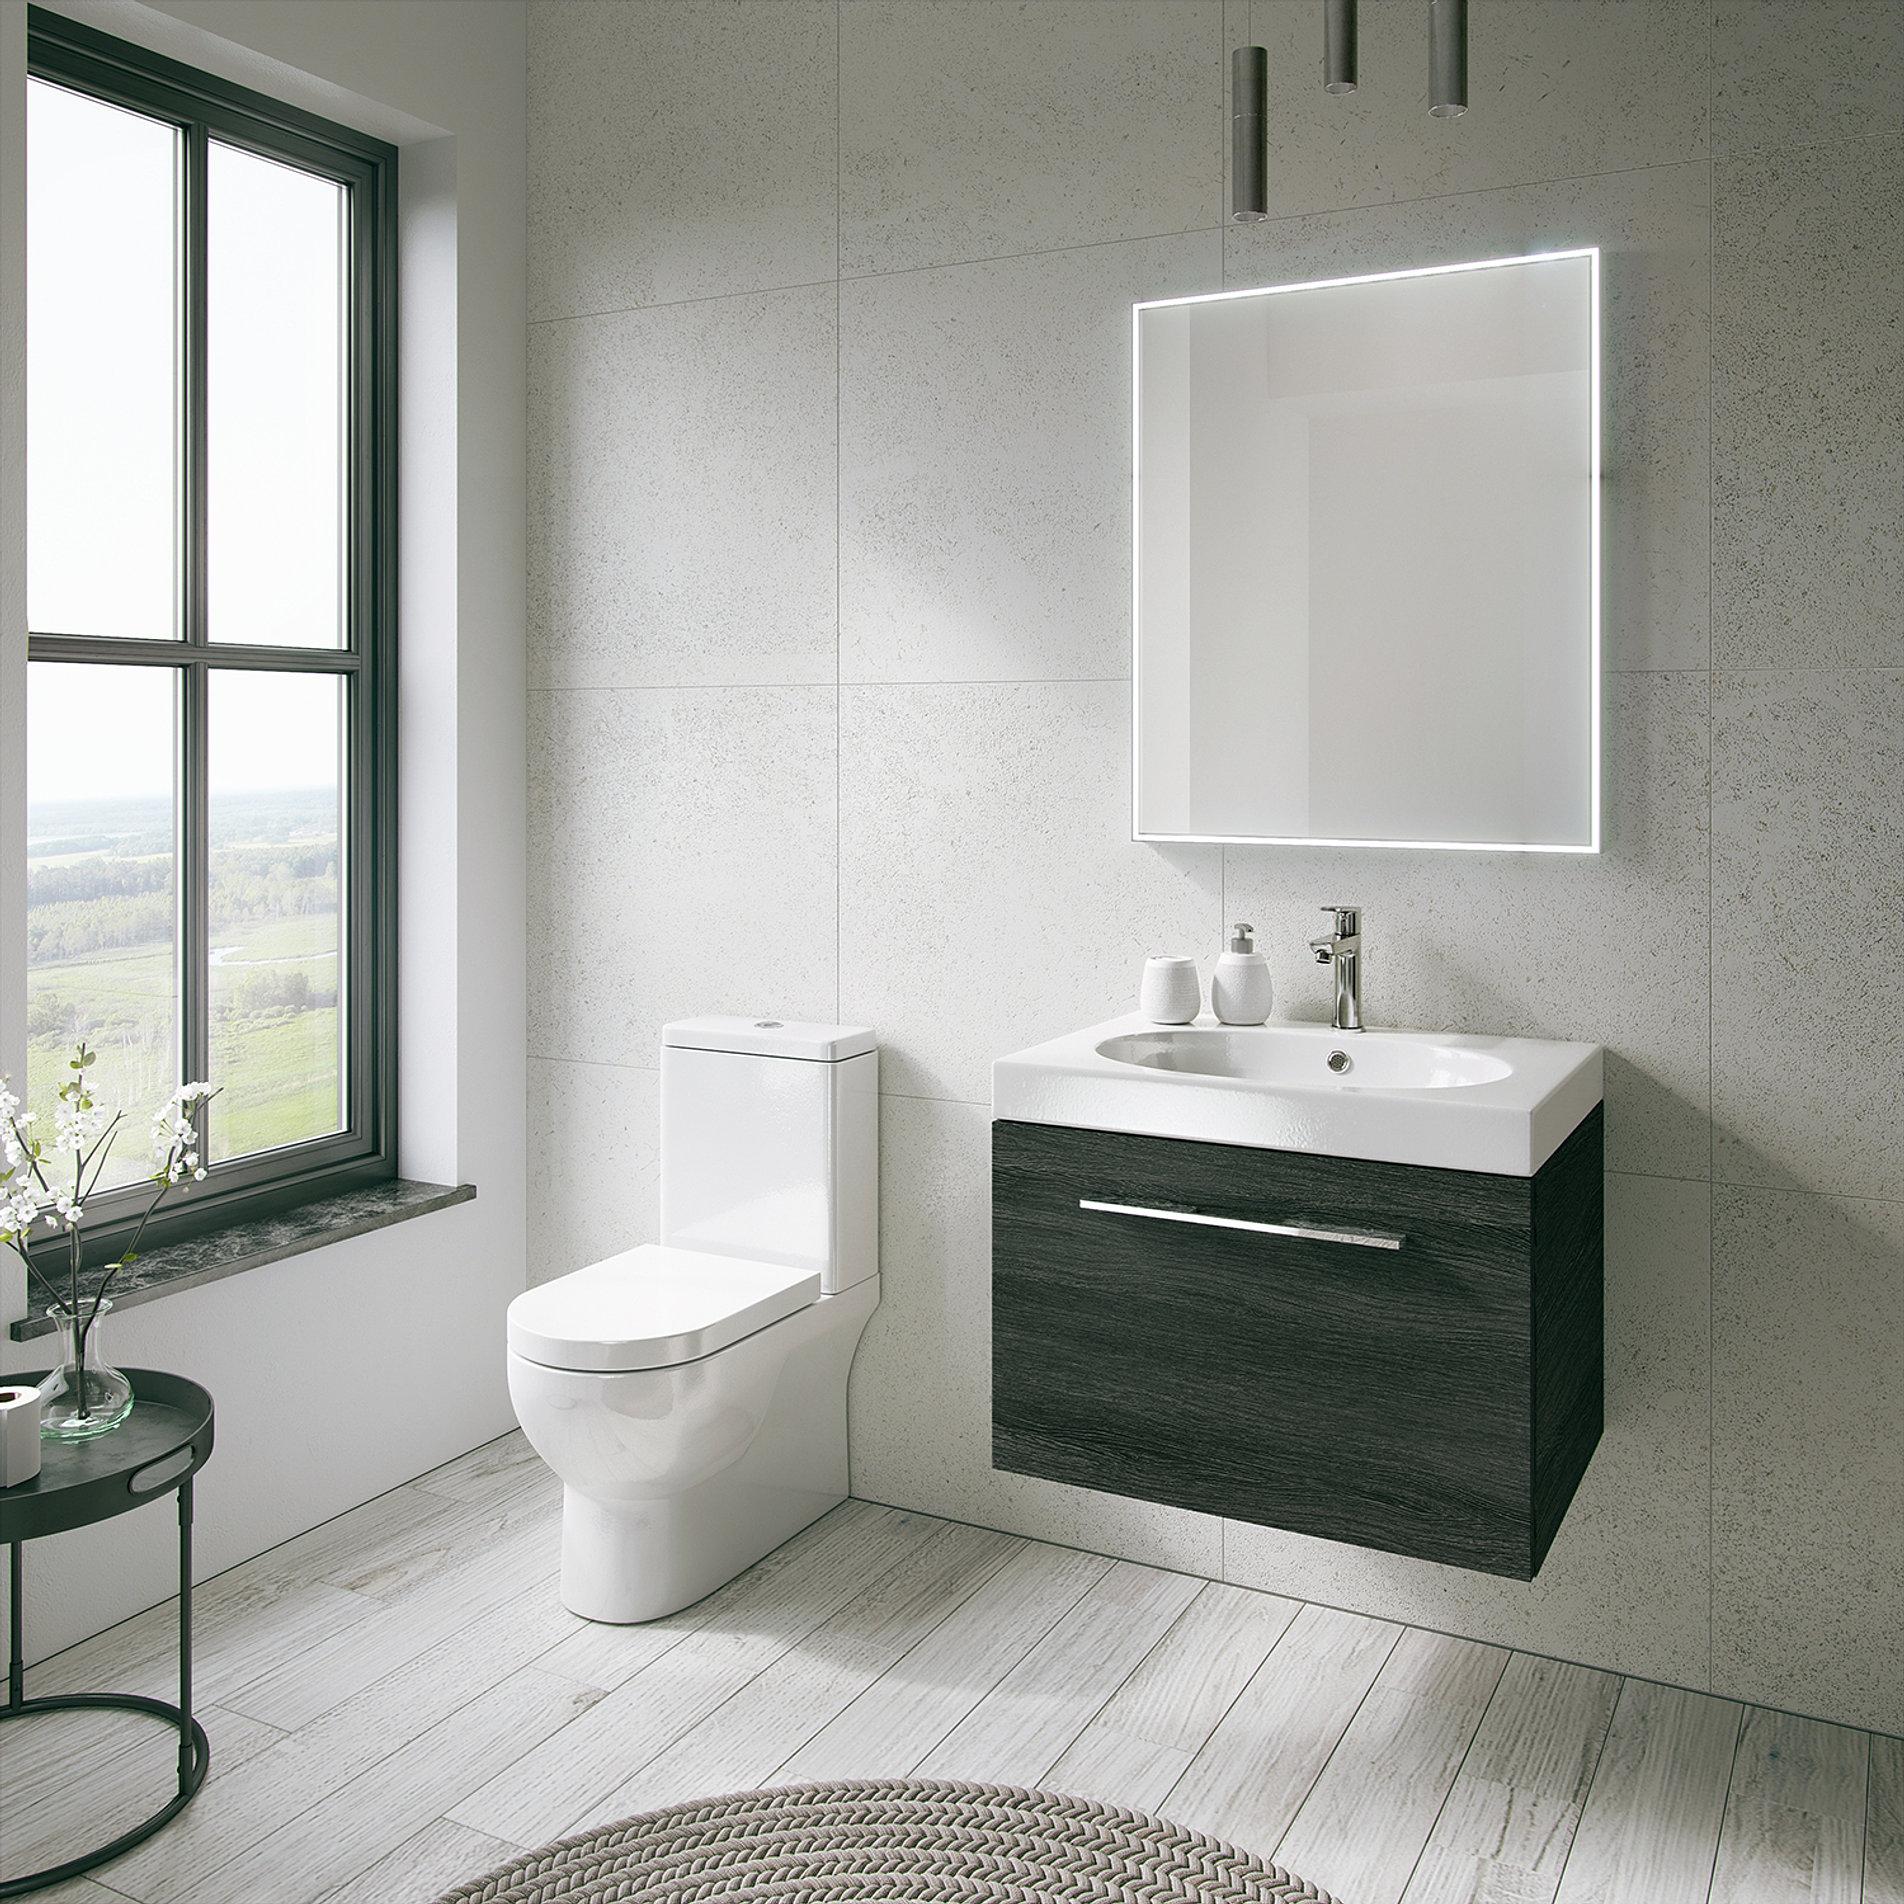 Luxury Bathrooms Sutton Coldfield